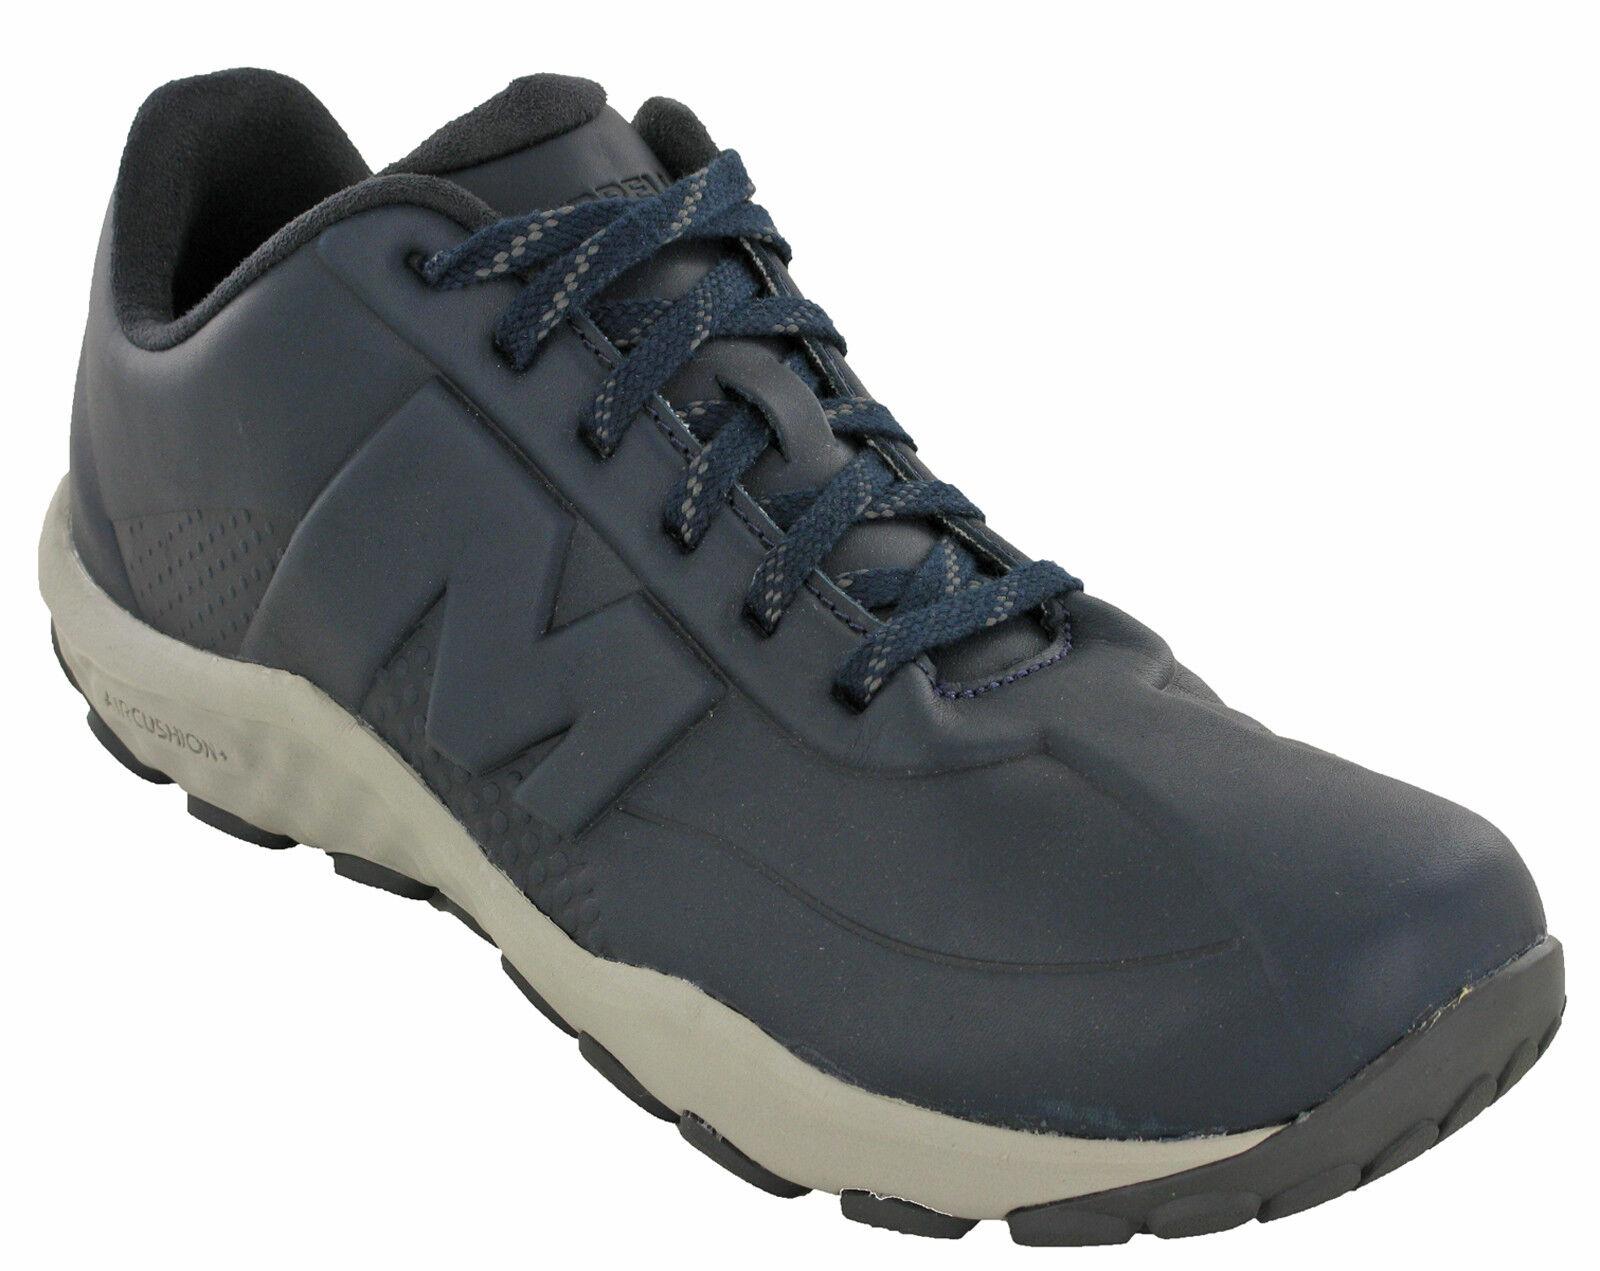 Merrell Sprint Lace Leder AC +  Herren Casual Walking Casual Herren Air Cushioned Schuhes UK 6-13 e308c7